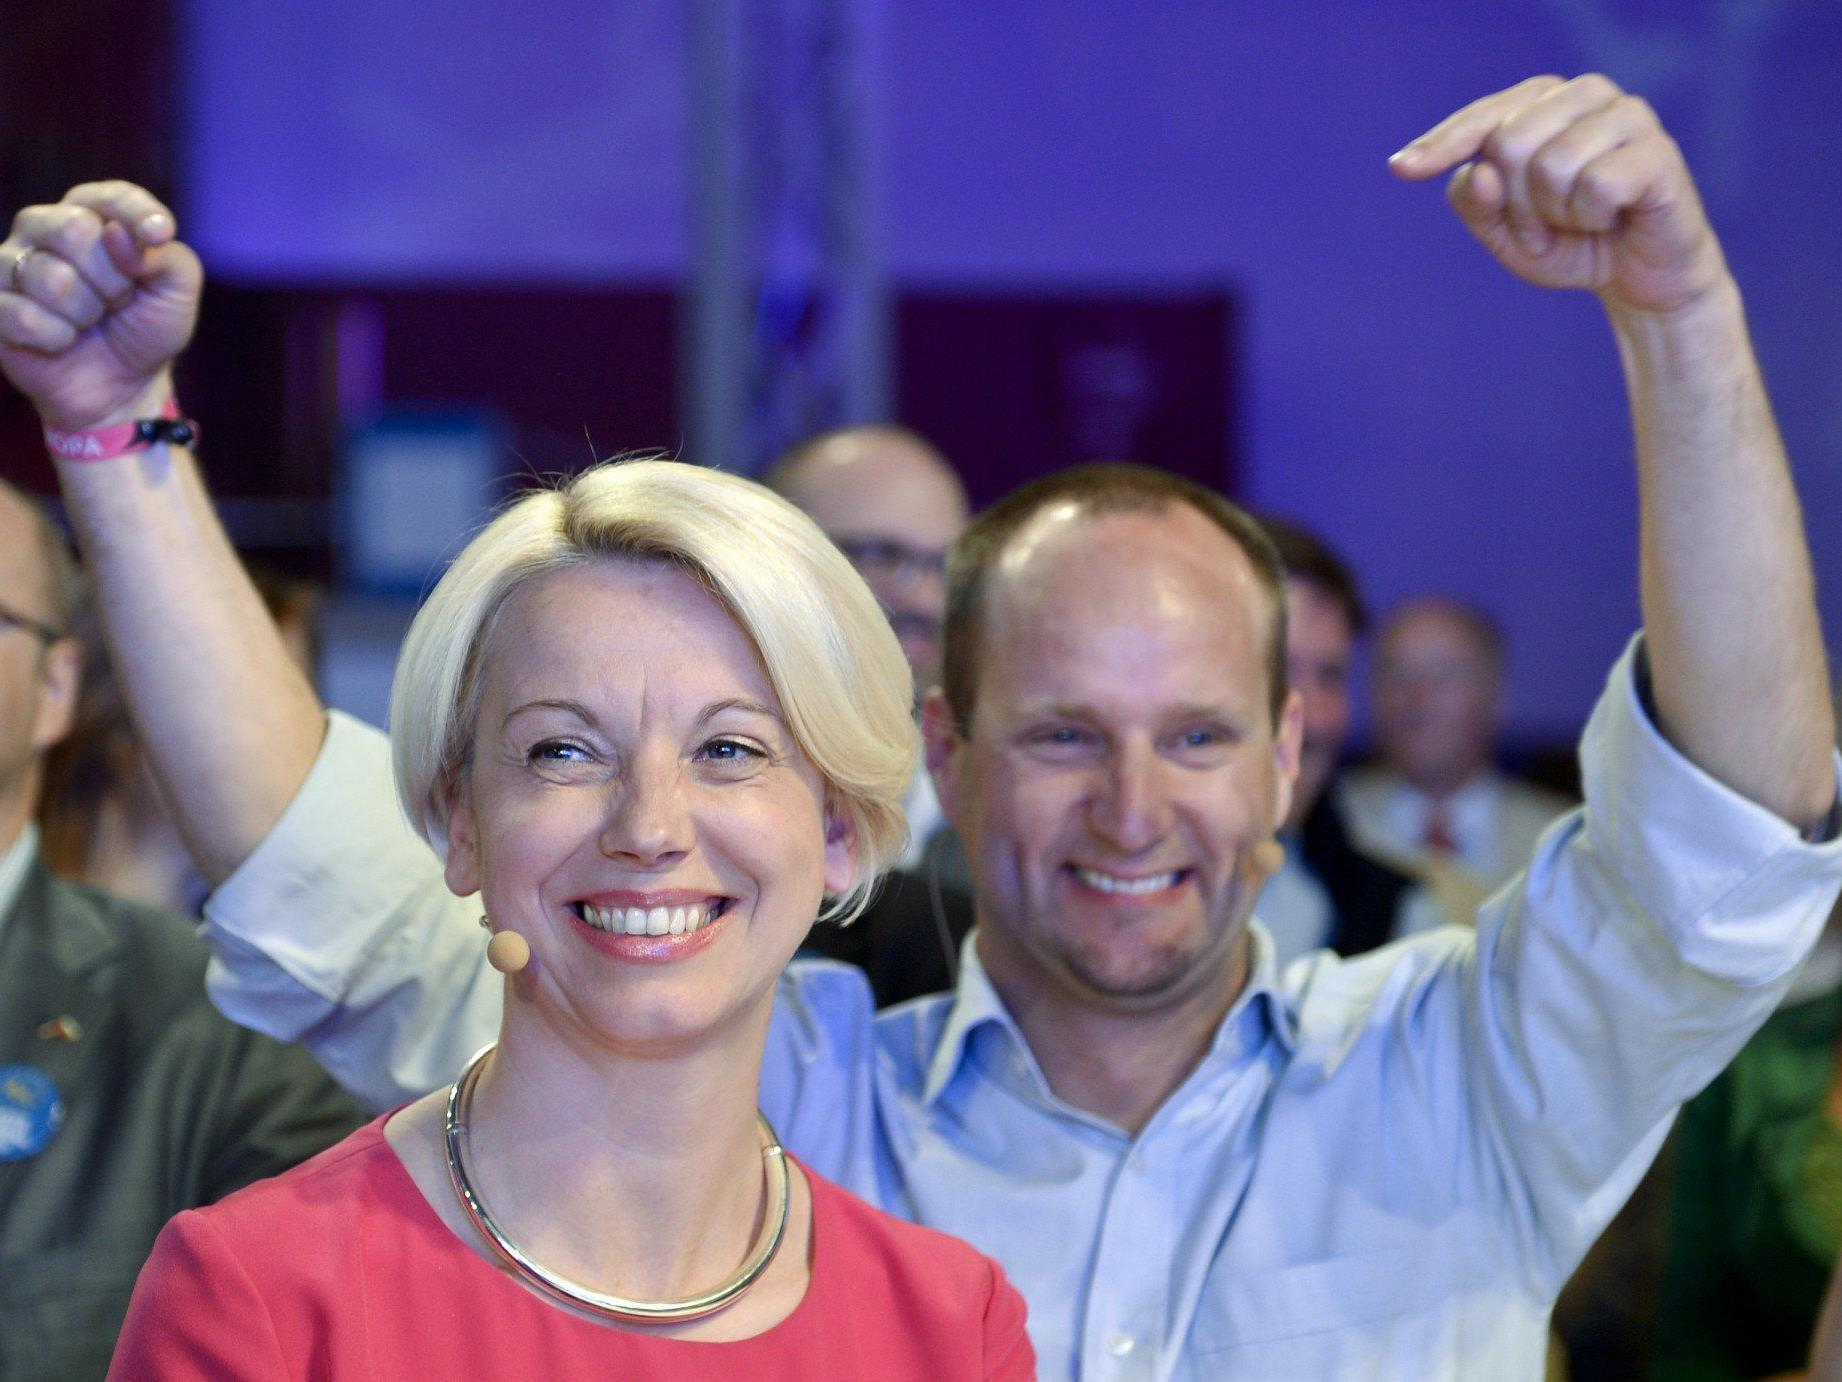 Angelika Mlinar ist die NEOS-Spitzenkandidatin für die EU-Wahl 2014.